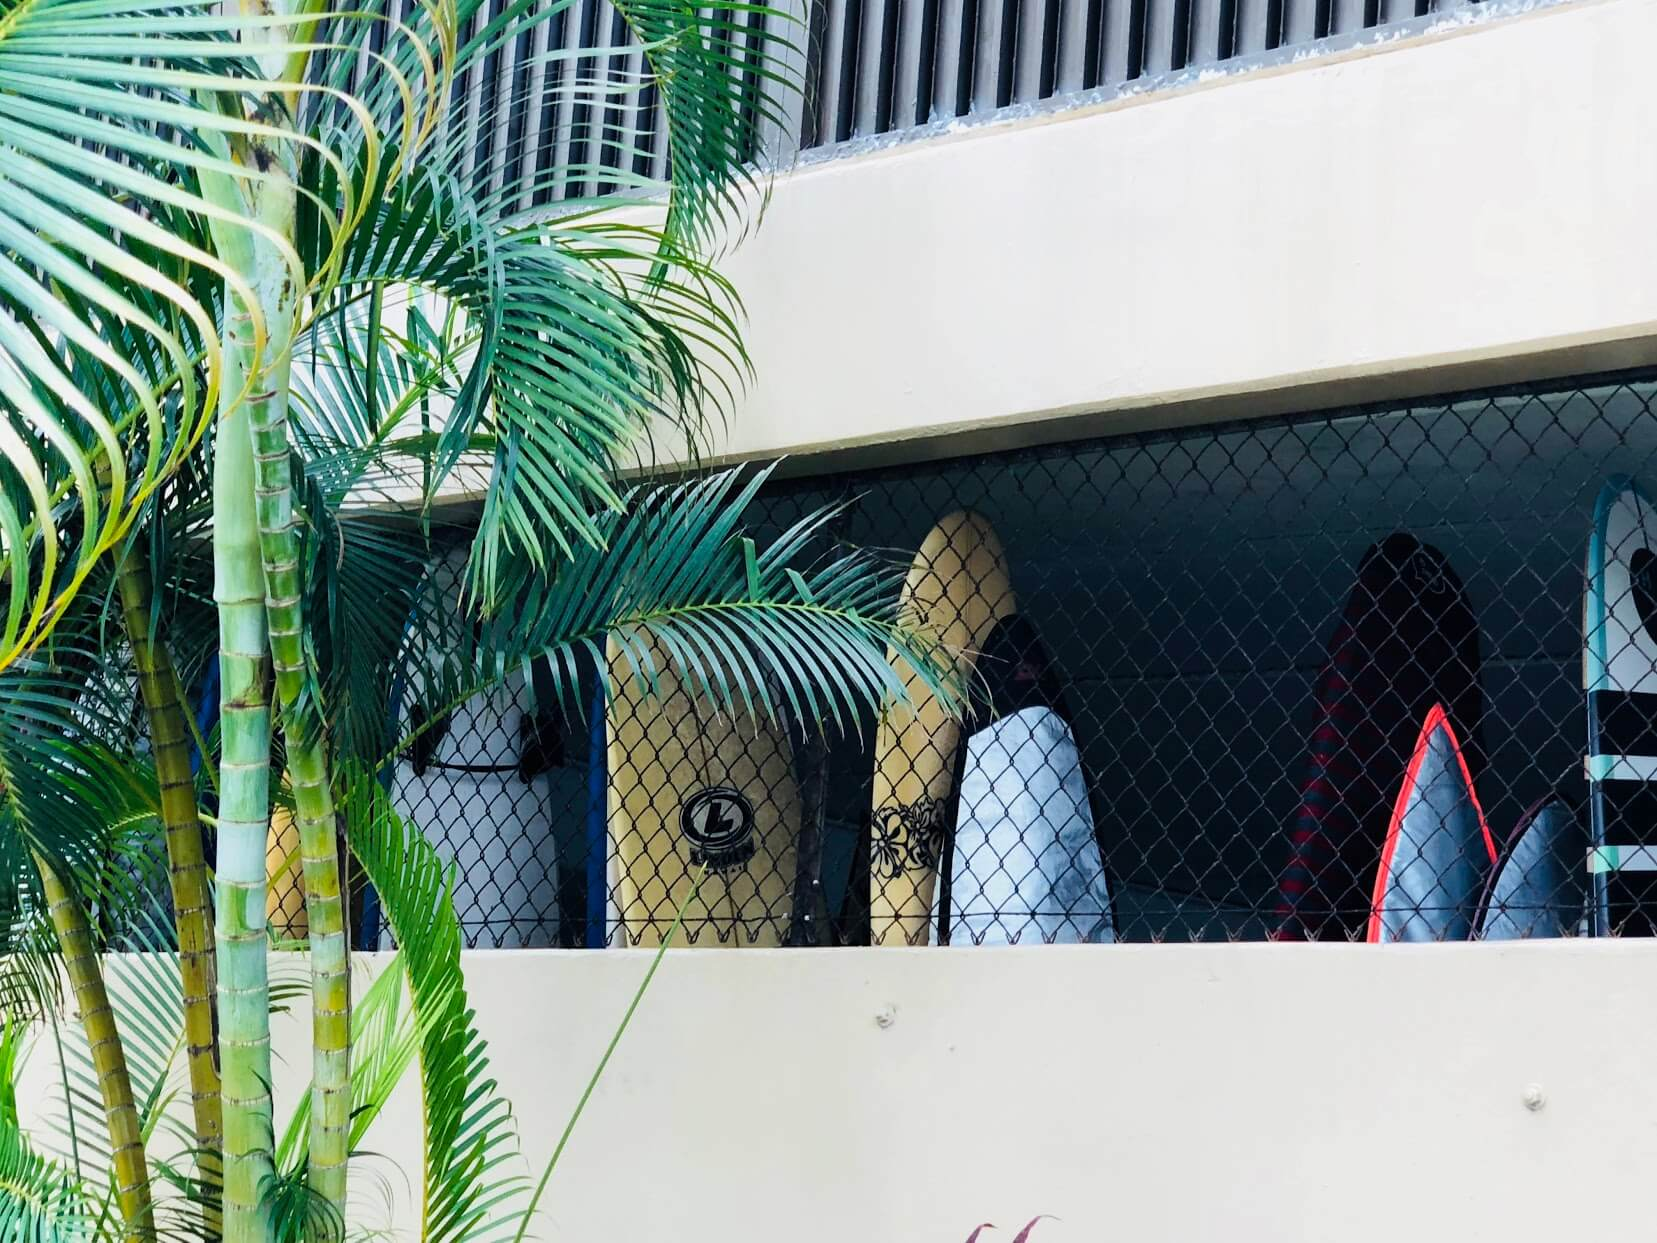 Chateau Waikikiのサーフボード